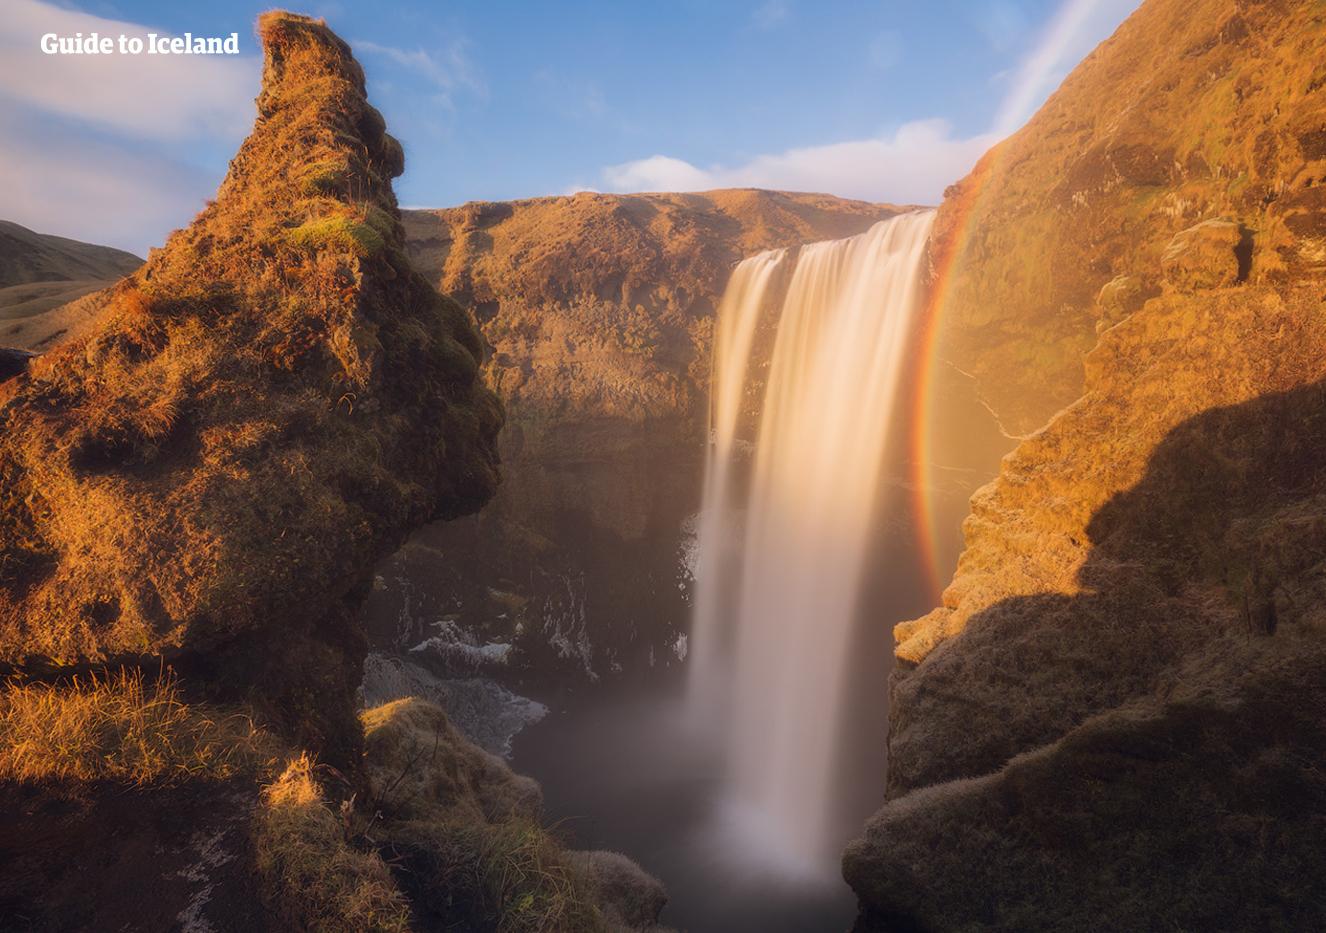 6月的冰岛|环岛自驾,天气和景点指南